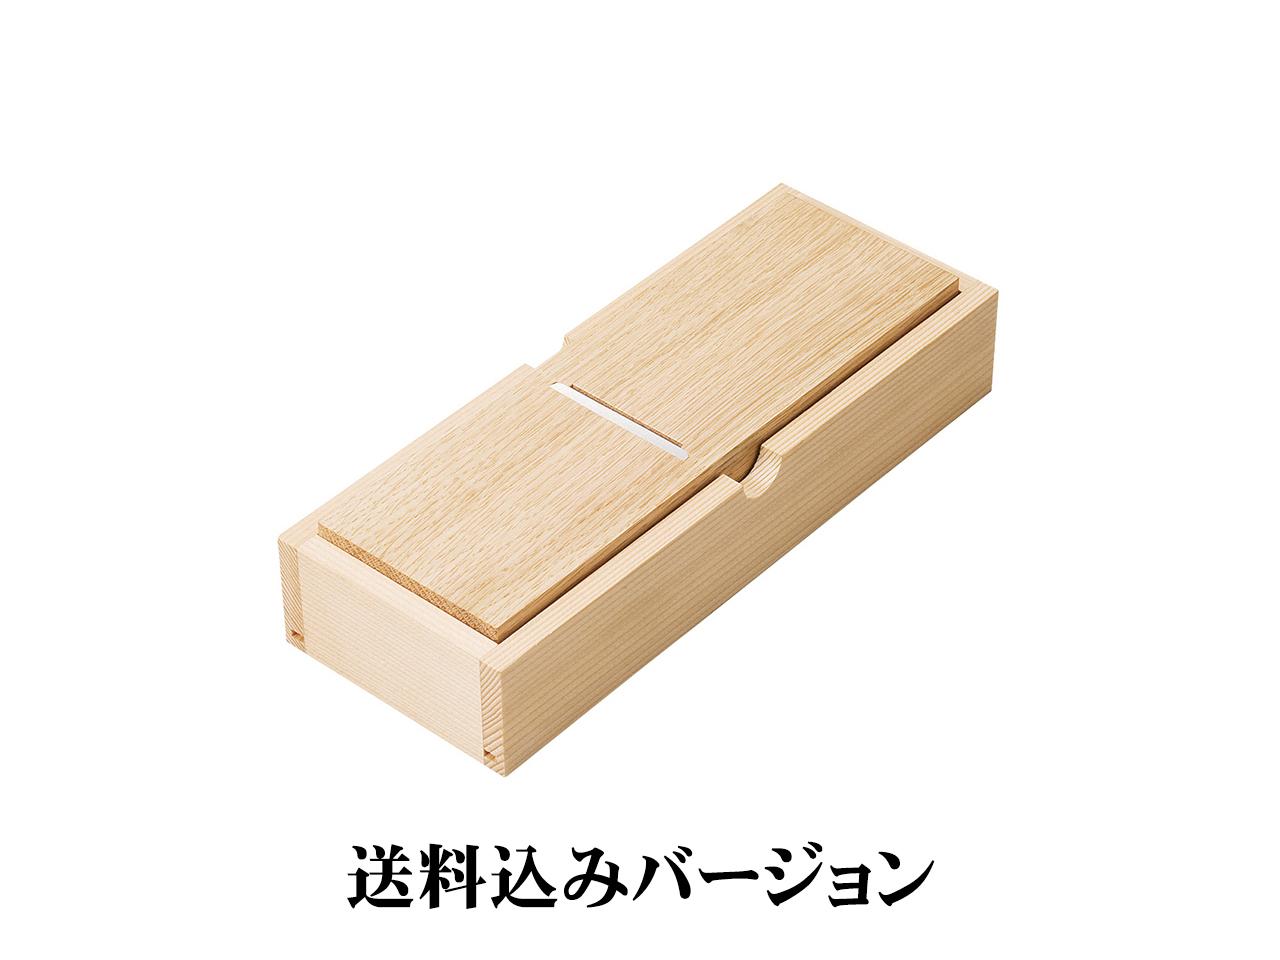 鰹節削り器 「送料込み!薄型ミニ鰹箱(蓋なし)」 すべり止めシール付(shop限定セット)